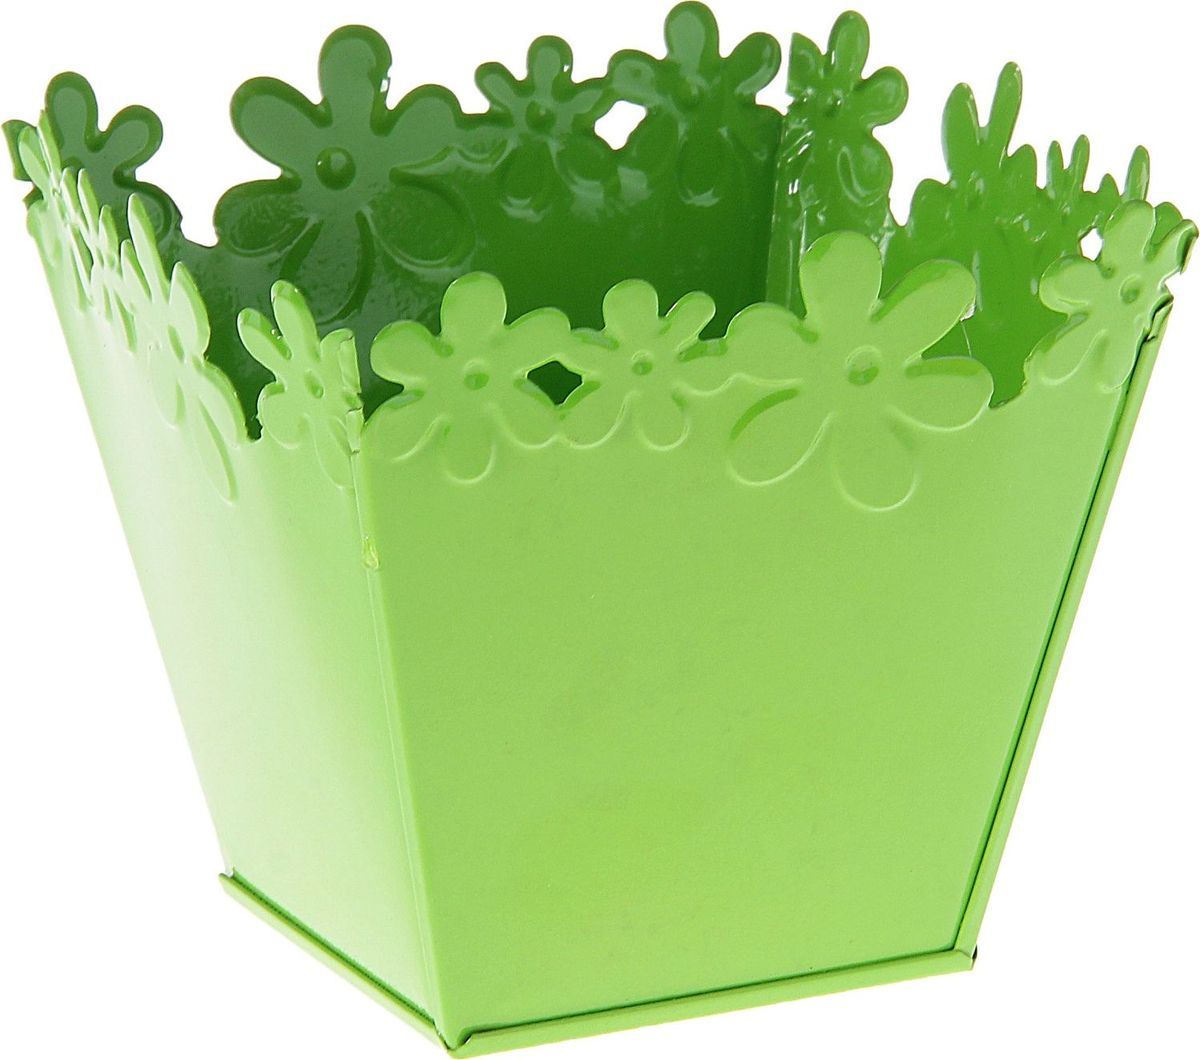 Кашпо Цветочный край. Квадрат, цвет: зеленый, 1 л139747Комнатные растения — всеобщие любимцы. Они радуют глаз, насыщают помещение кислородом и украшают пространство. Каждому из растений необходим свой удобный и красивый дом. Металлические декоративные вазы для горшков практичны и долговечны. #name# позаботится о зелёном питомце, освежит интерьер и подчеркнёт его стиль. Особенно выигрышно они смотрятся в экстерьере: на террасах и в беседках. При желании его всегда можно перекрасить в другой цвет.